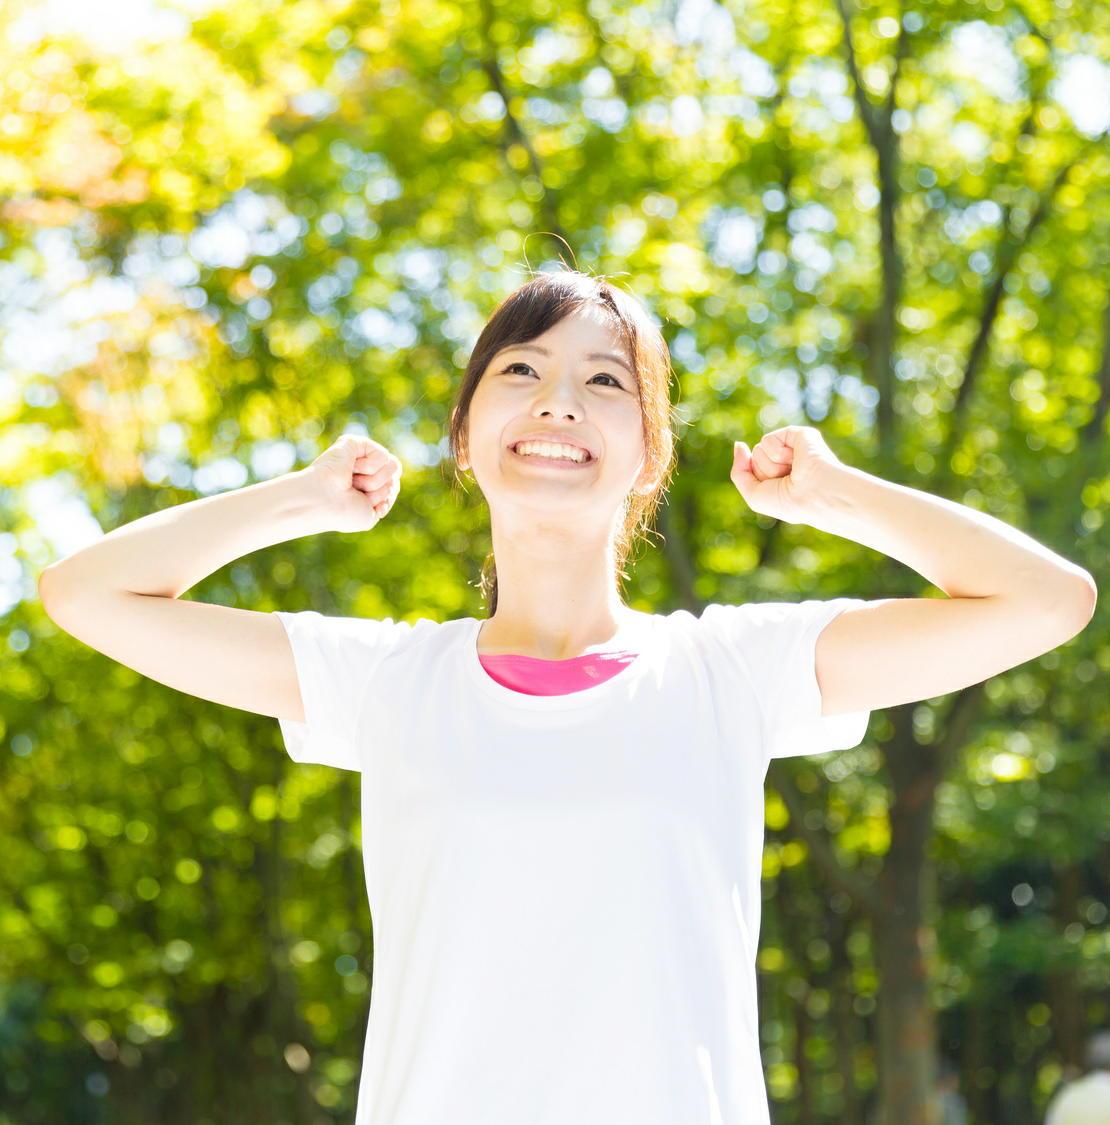 ストレスが「乳がん」の発症に関連している がん患者のストレスを軽減する治療が必要